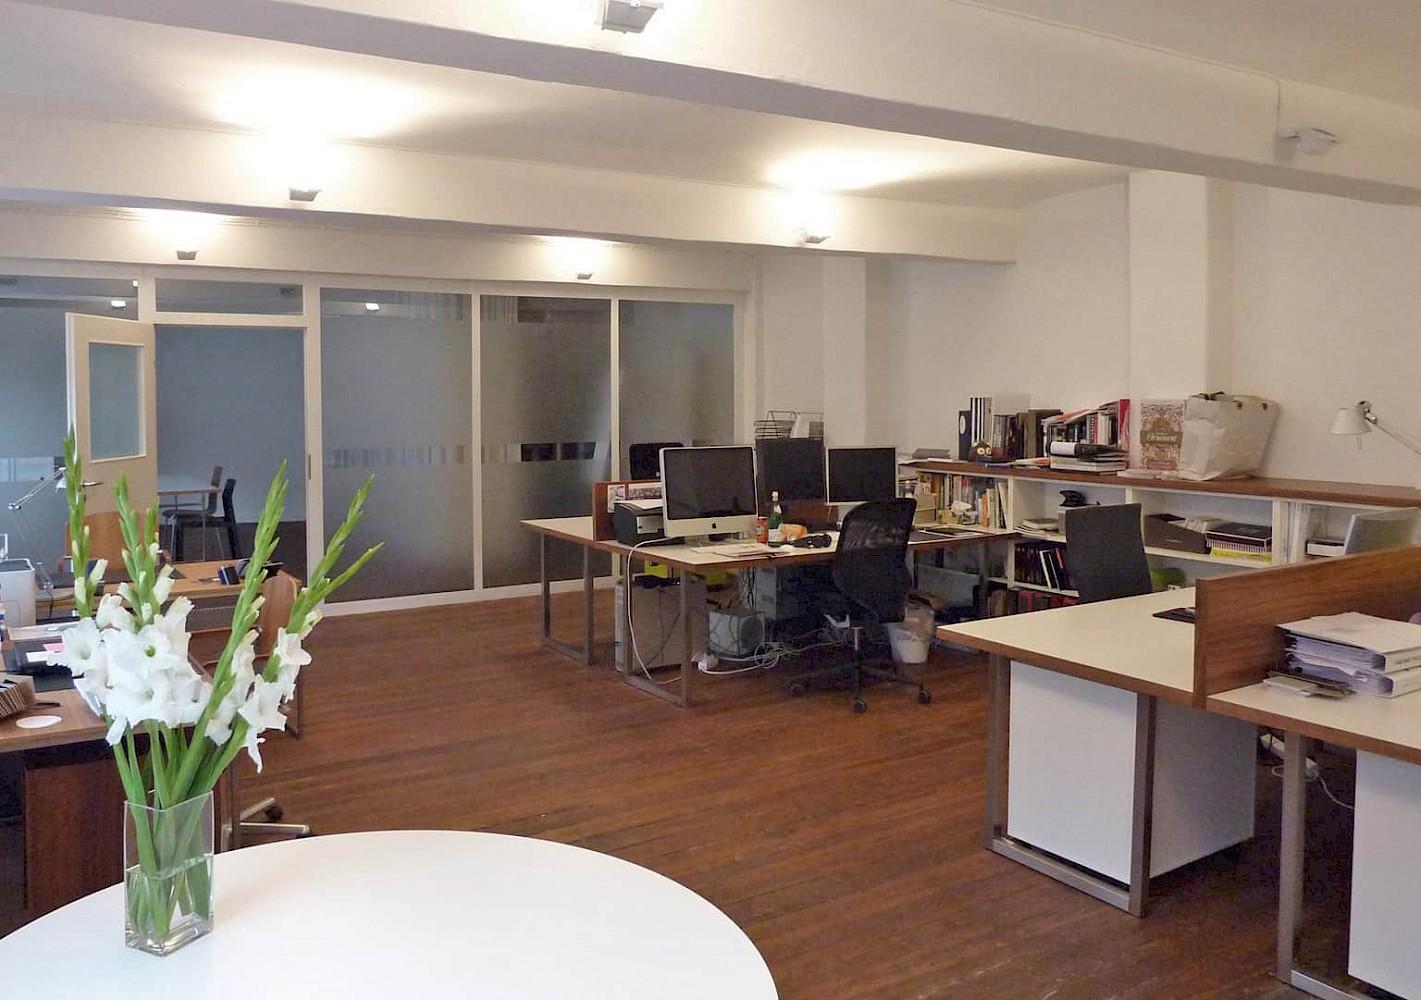 Arbeitsplatz In 100qm Schanzen Buro Loft Zu Mieten Hamburg Kreativ